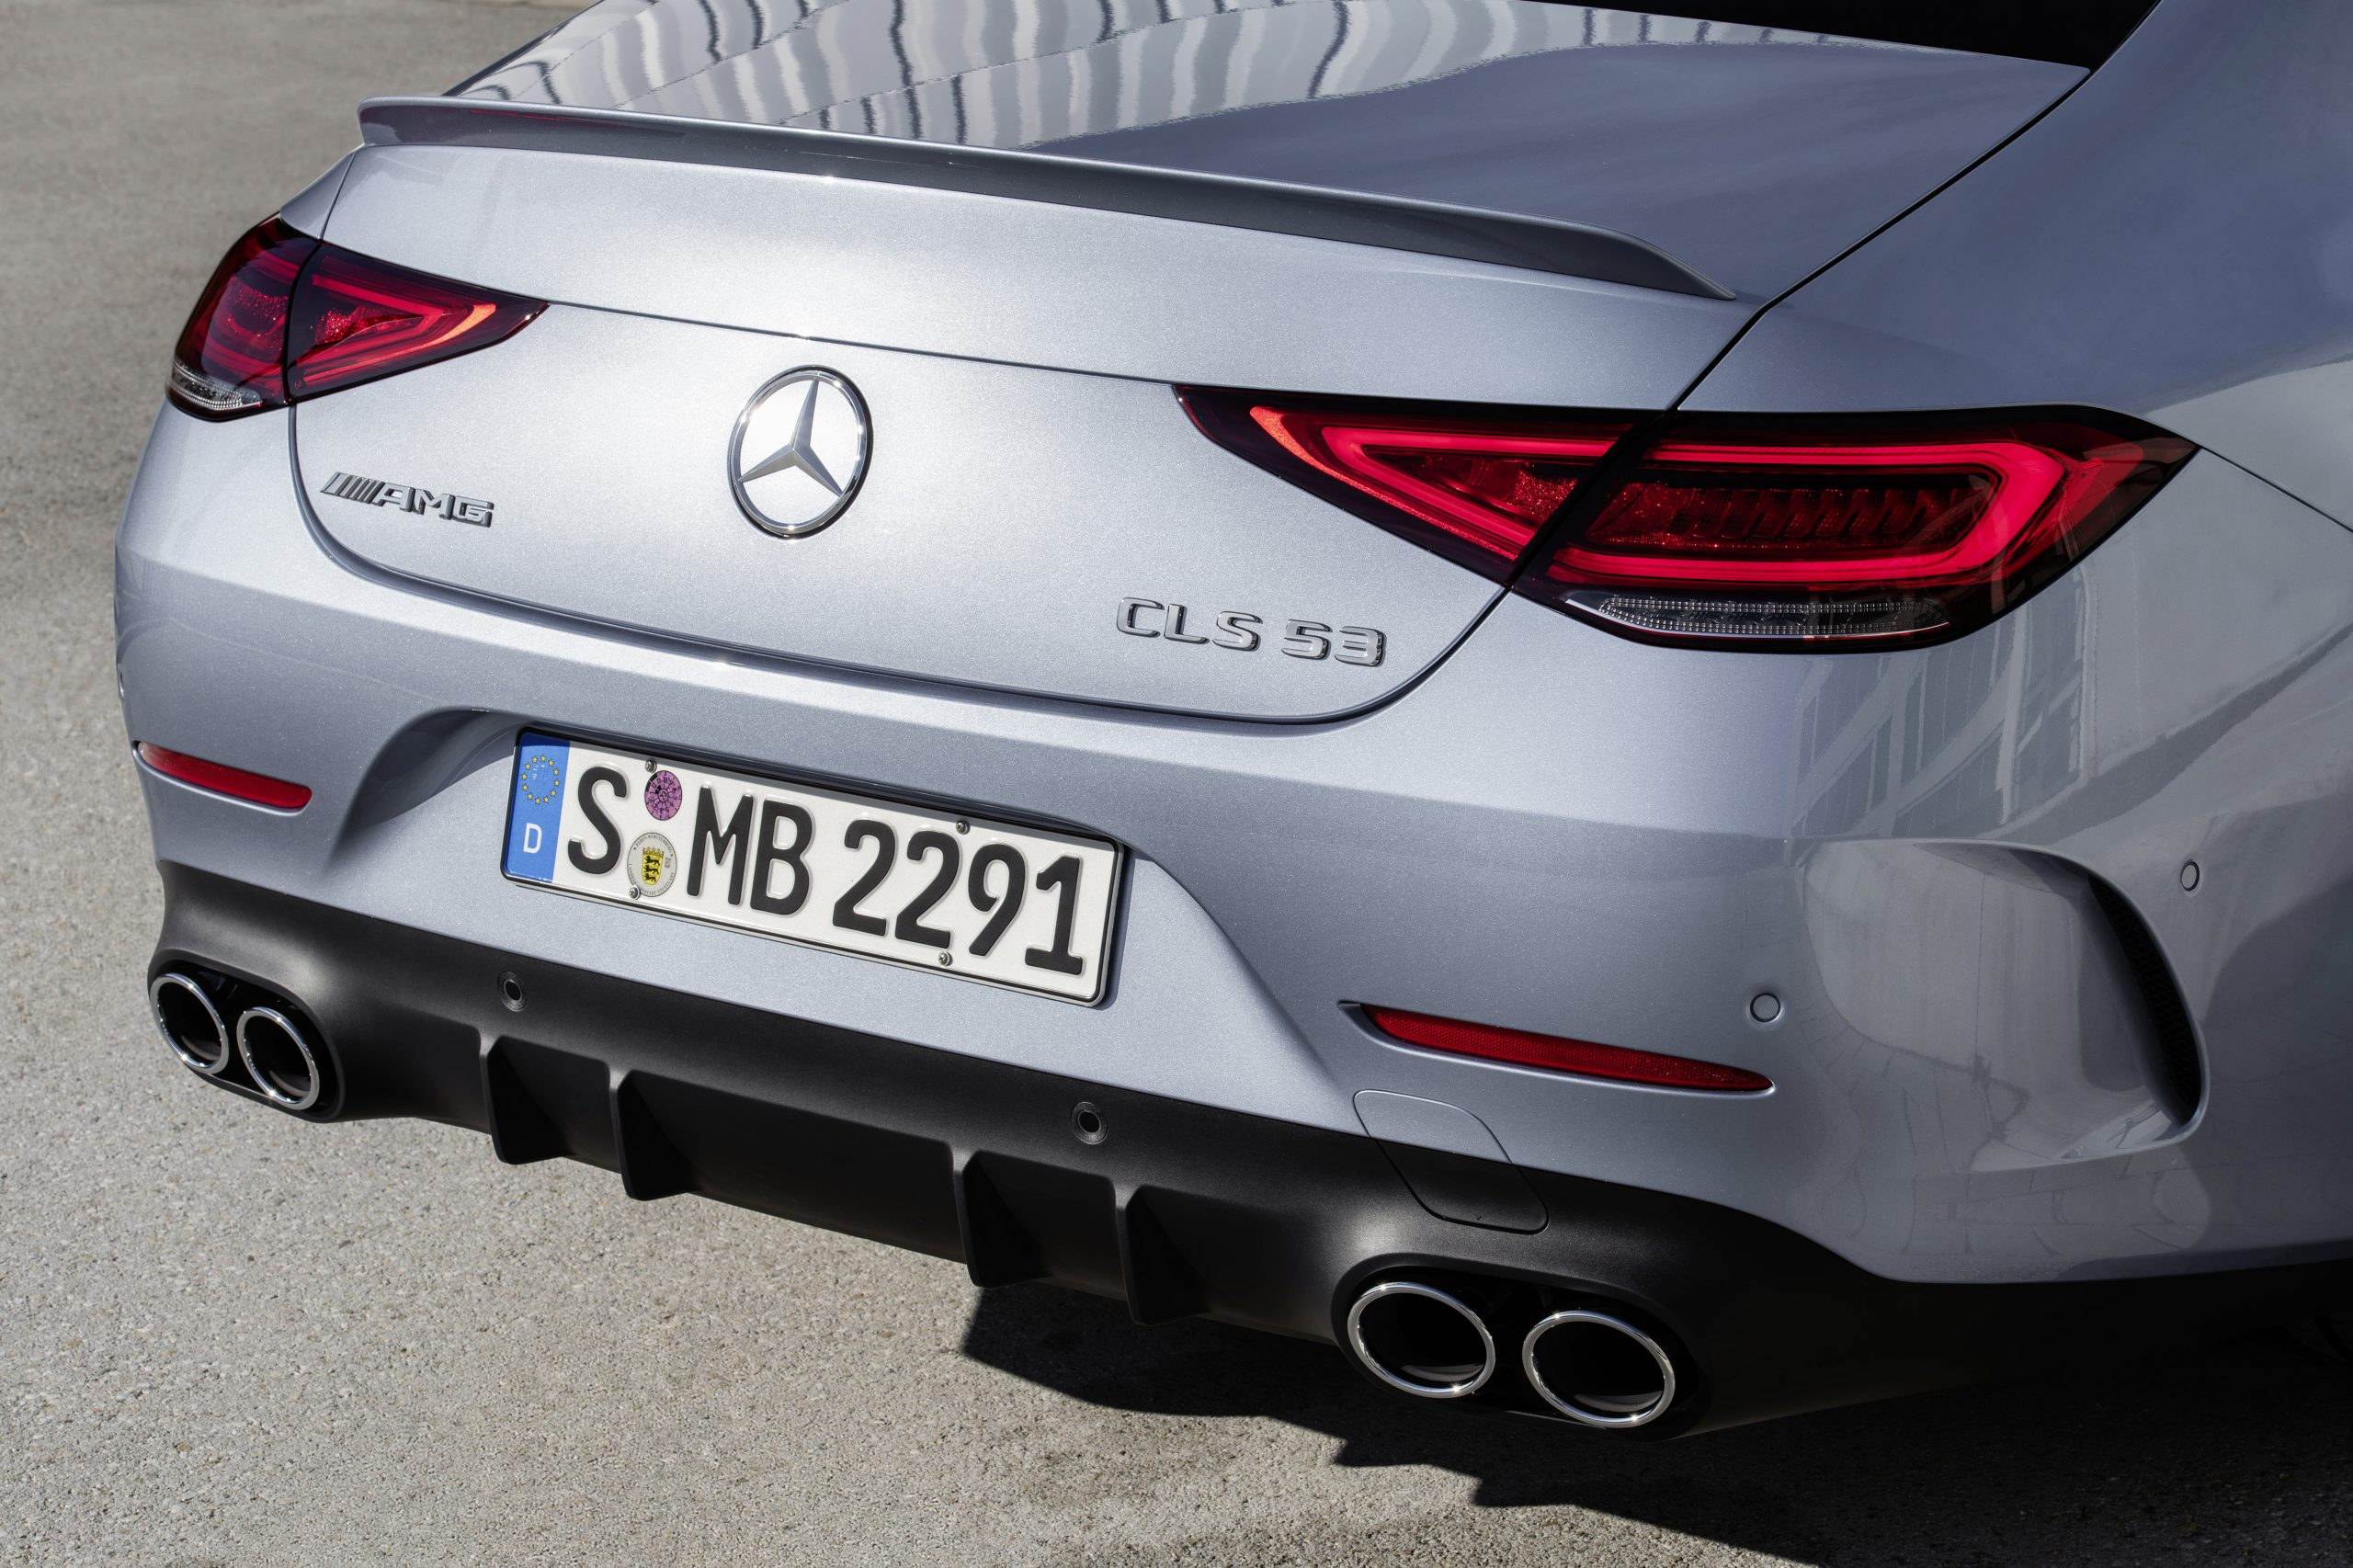 Mercedes-Benz CLS Coupé (BR 257), 2021Mercedes-Benz CLS Coupé 2021